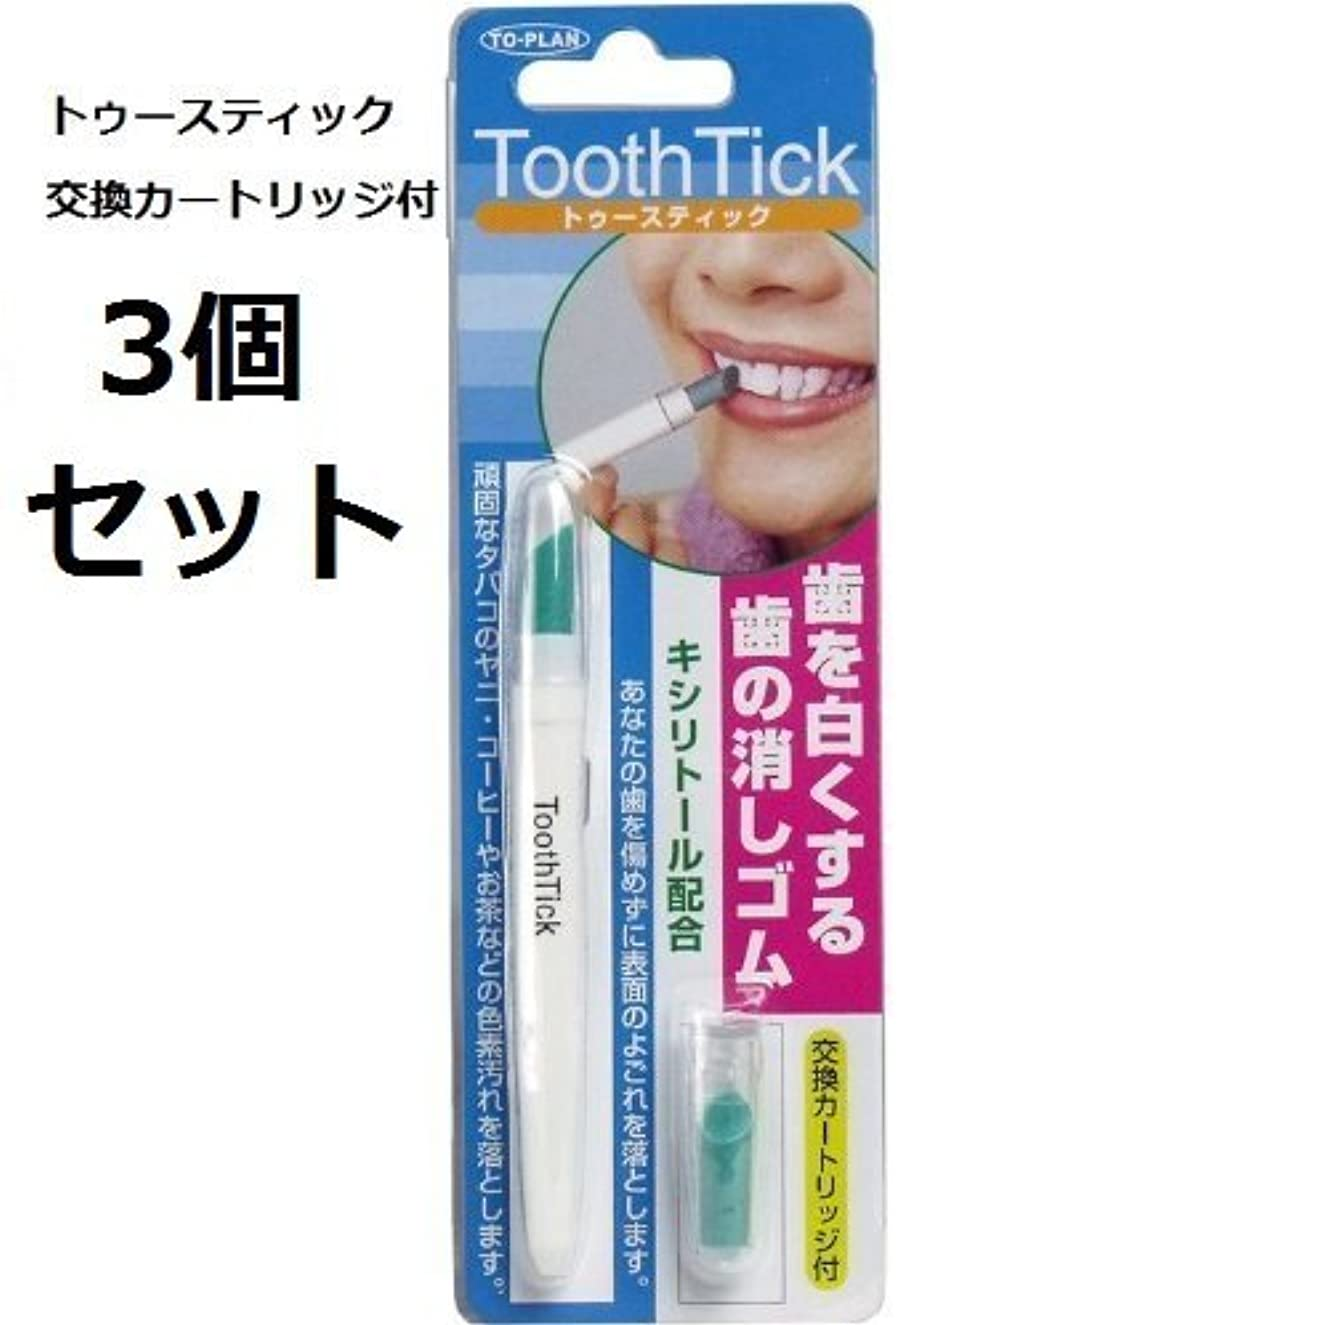 エレメンタル子犬重くする歯を白くする歯の消しゴム トゥースティック 交換カートリッジ付 3個セット